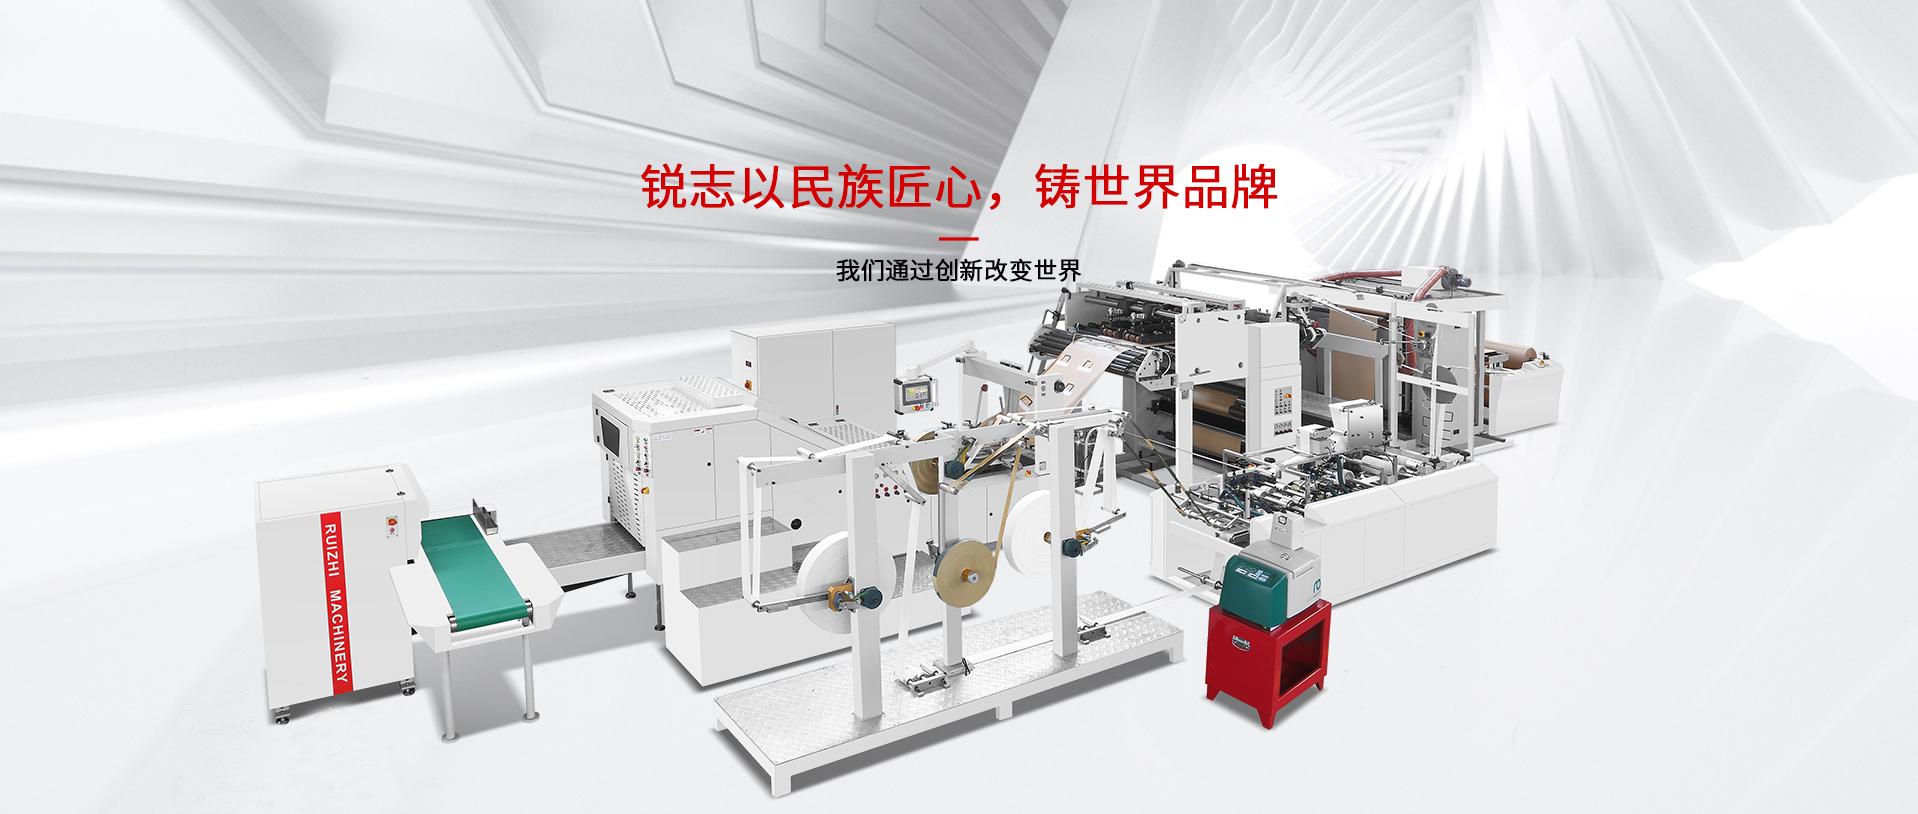 锐志包装机械